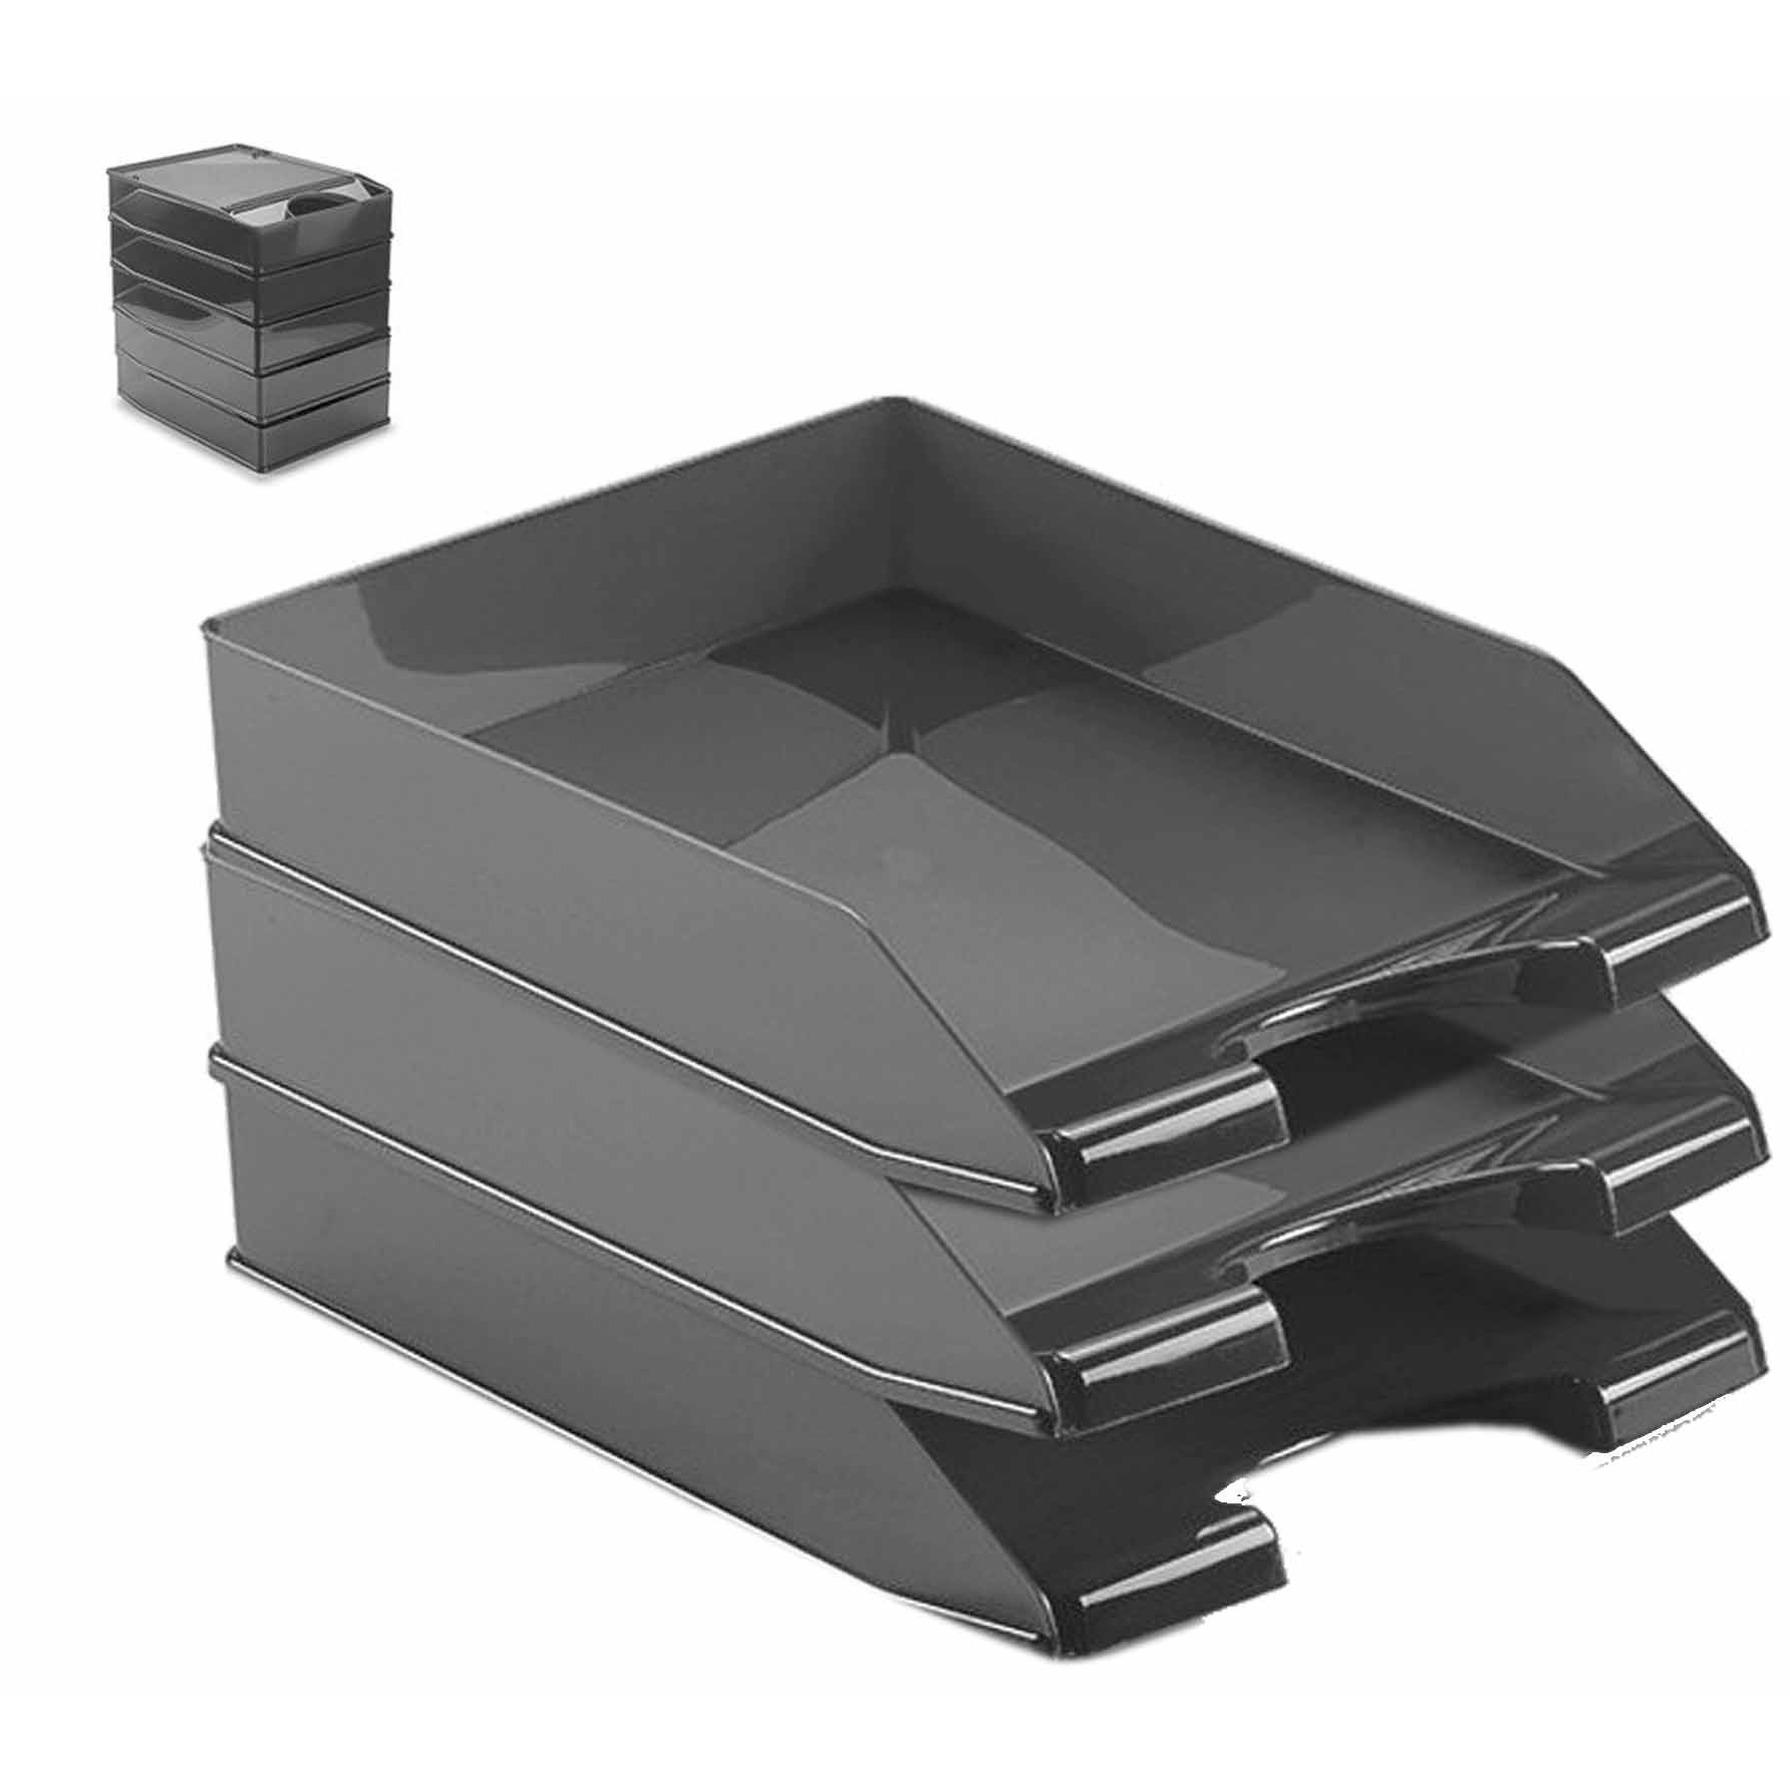 Pakket van 12x stuks postbakjejes zwart a4 formaat 10214258